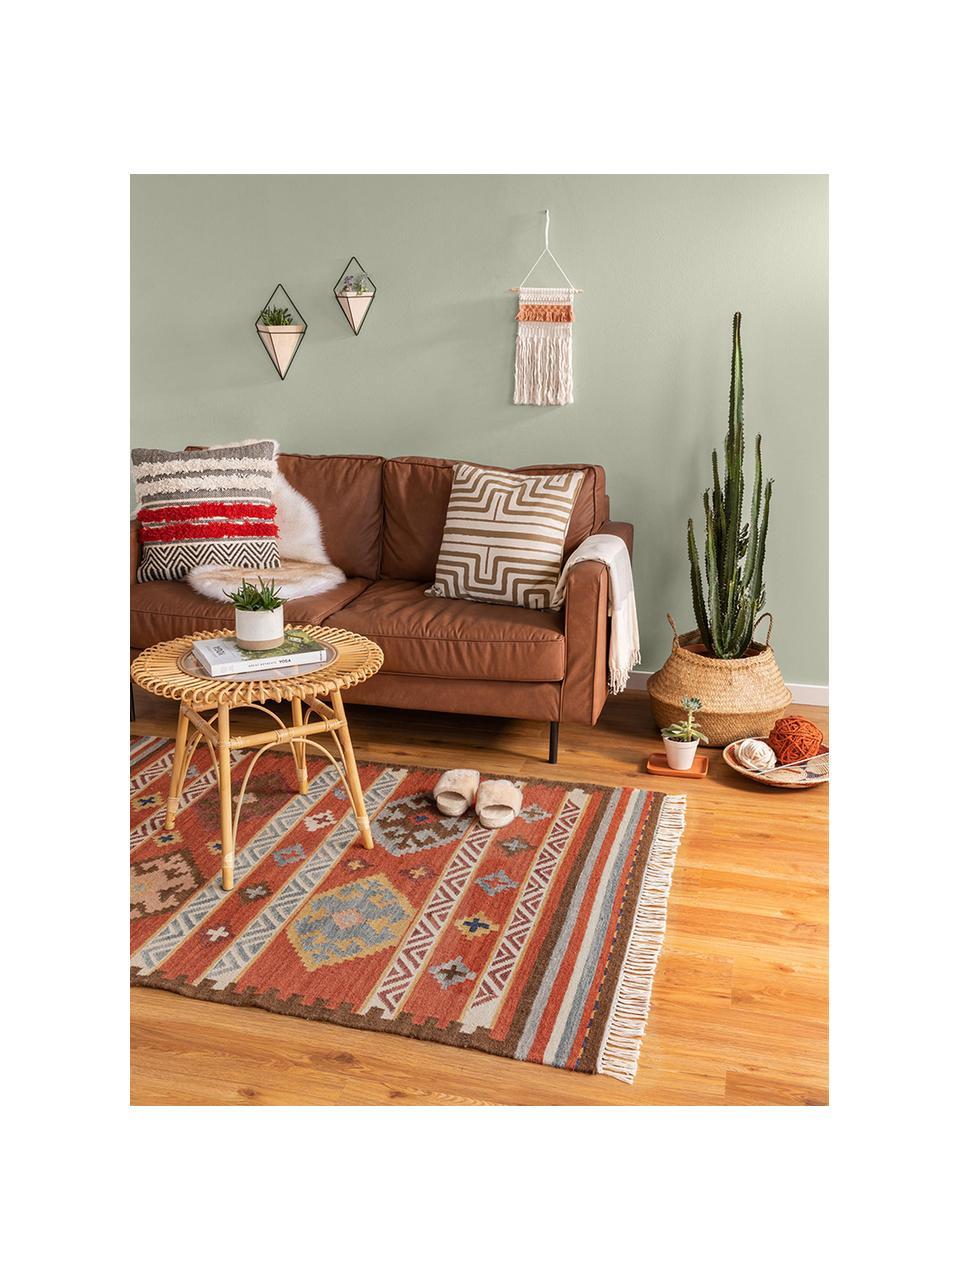 Ręcznie tkany dywan kilim z wełny Zohra, Czerwony, wielobarwny, S 200 x D 300 cm (Rozmiar L)